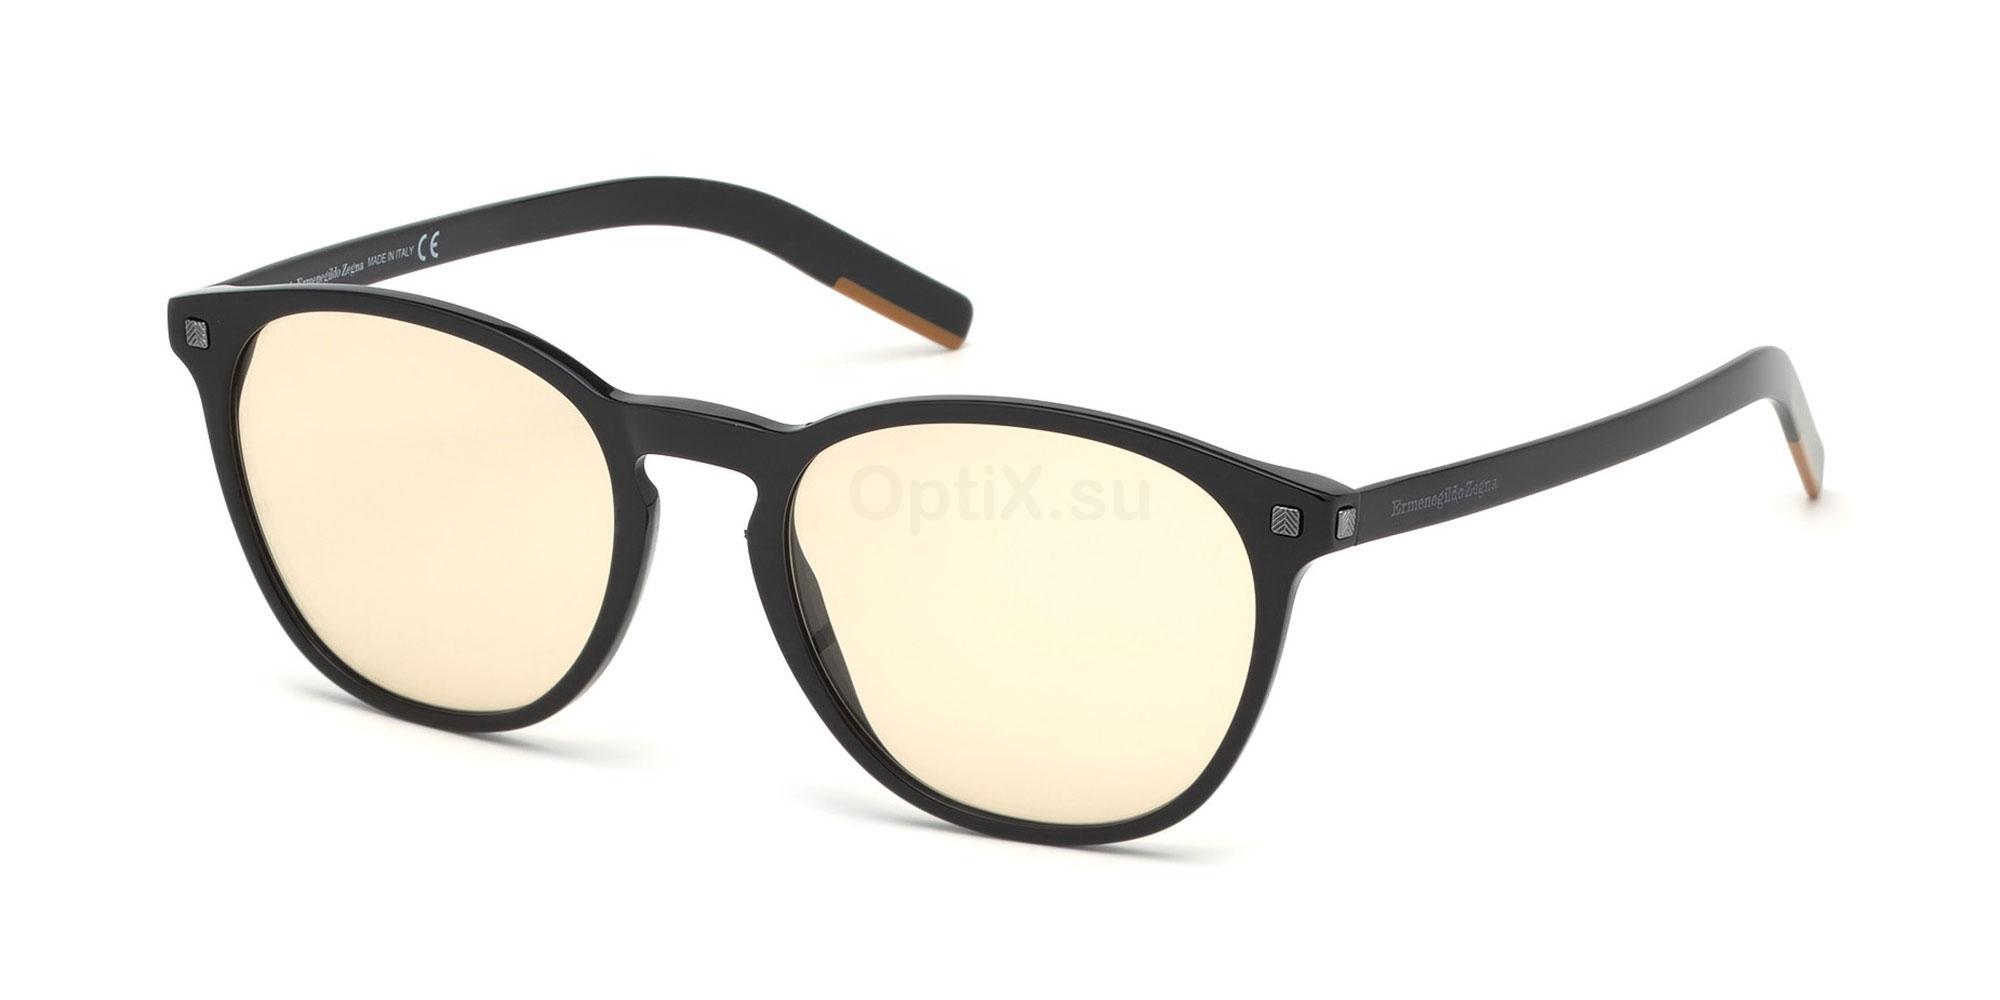 001 EZ5160 Glasses, Ermenegildo Zegna